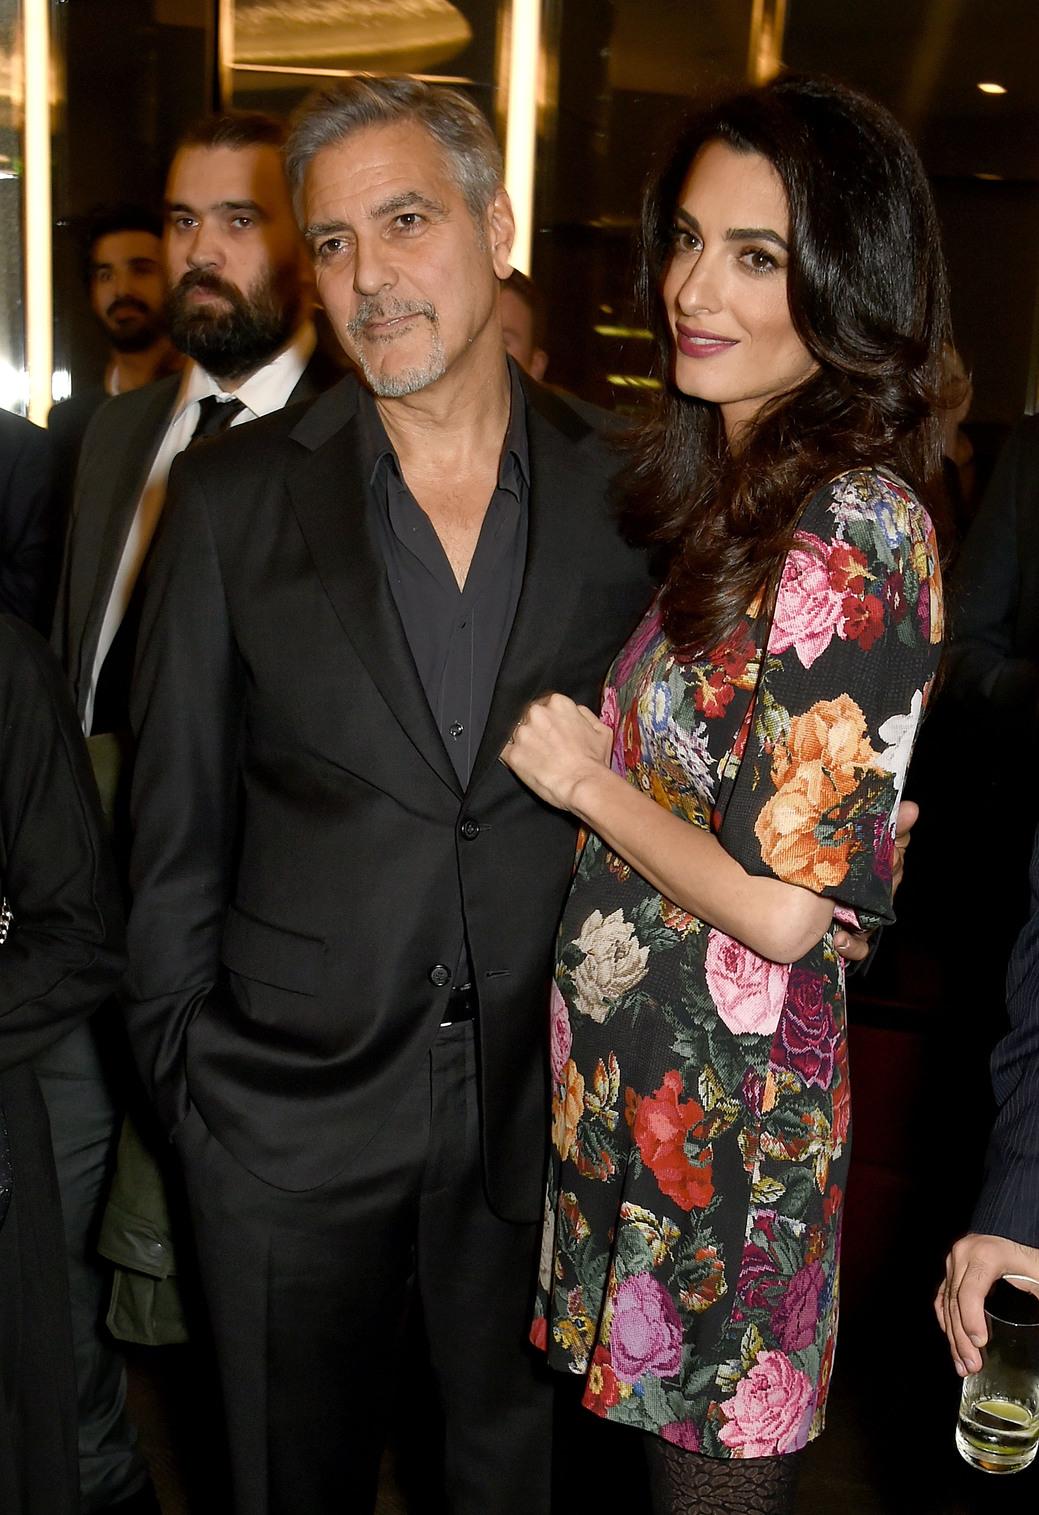 George és Amal Clooney. Fotó: Getty Images